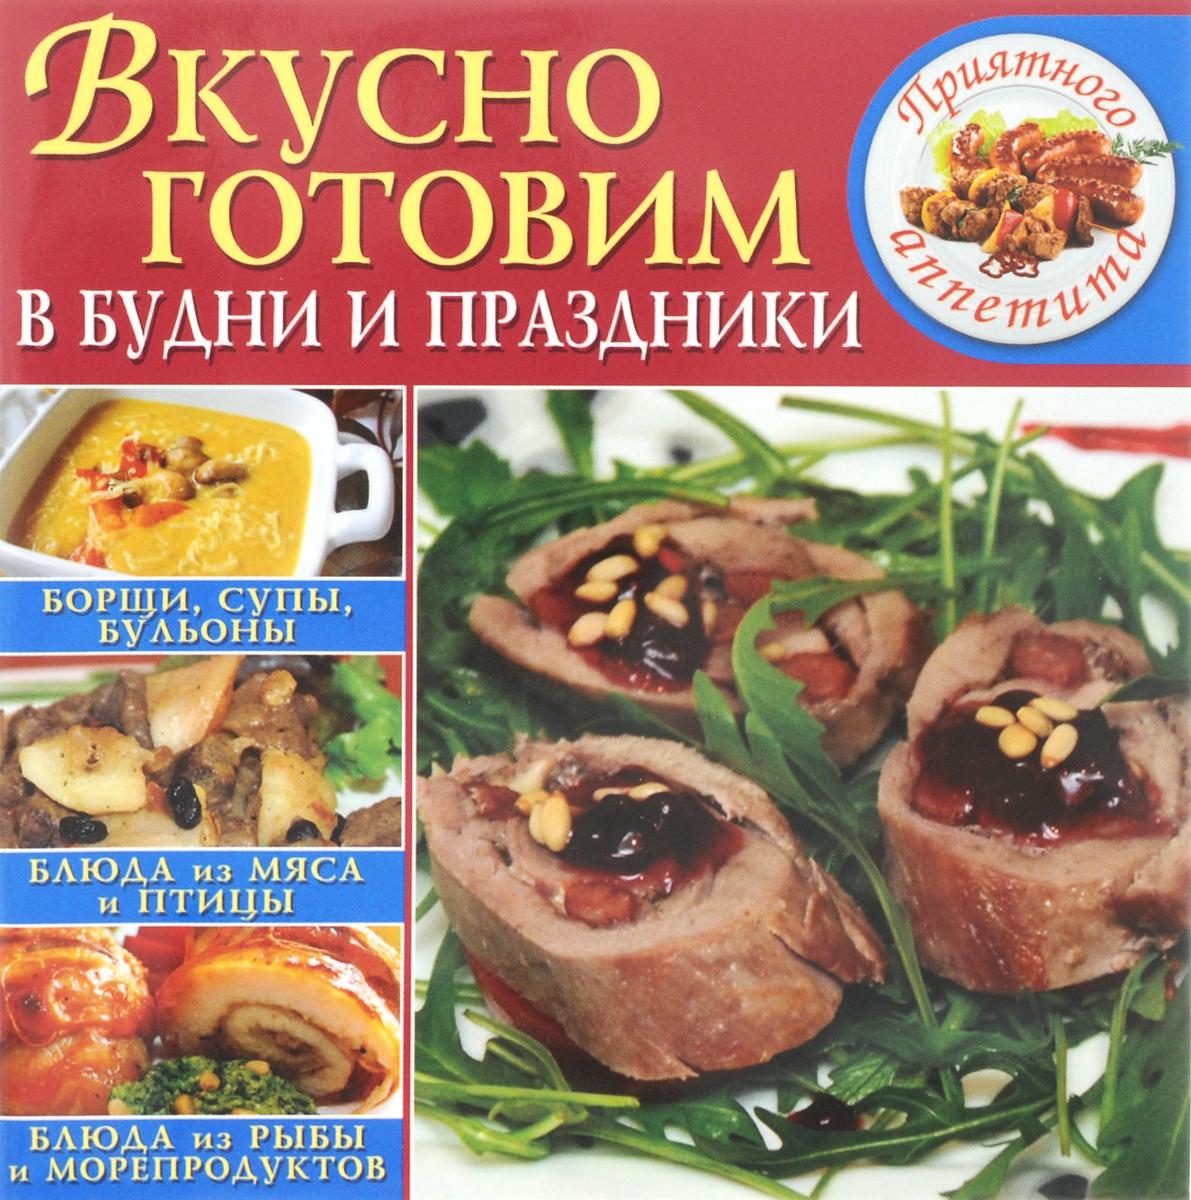 Вкусно готовим в будни и праздники